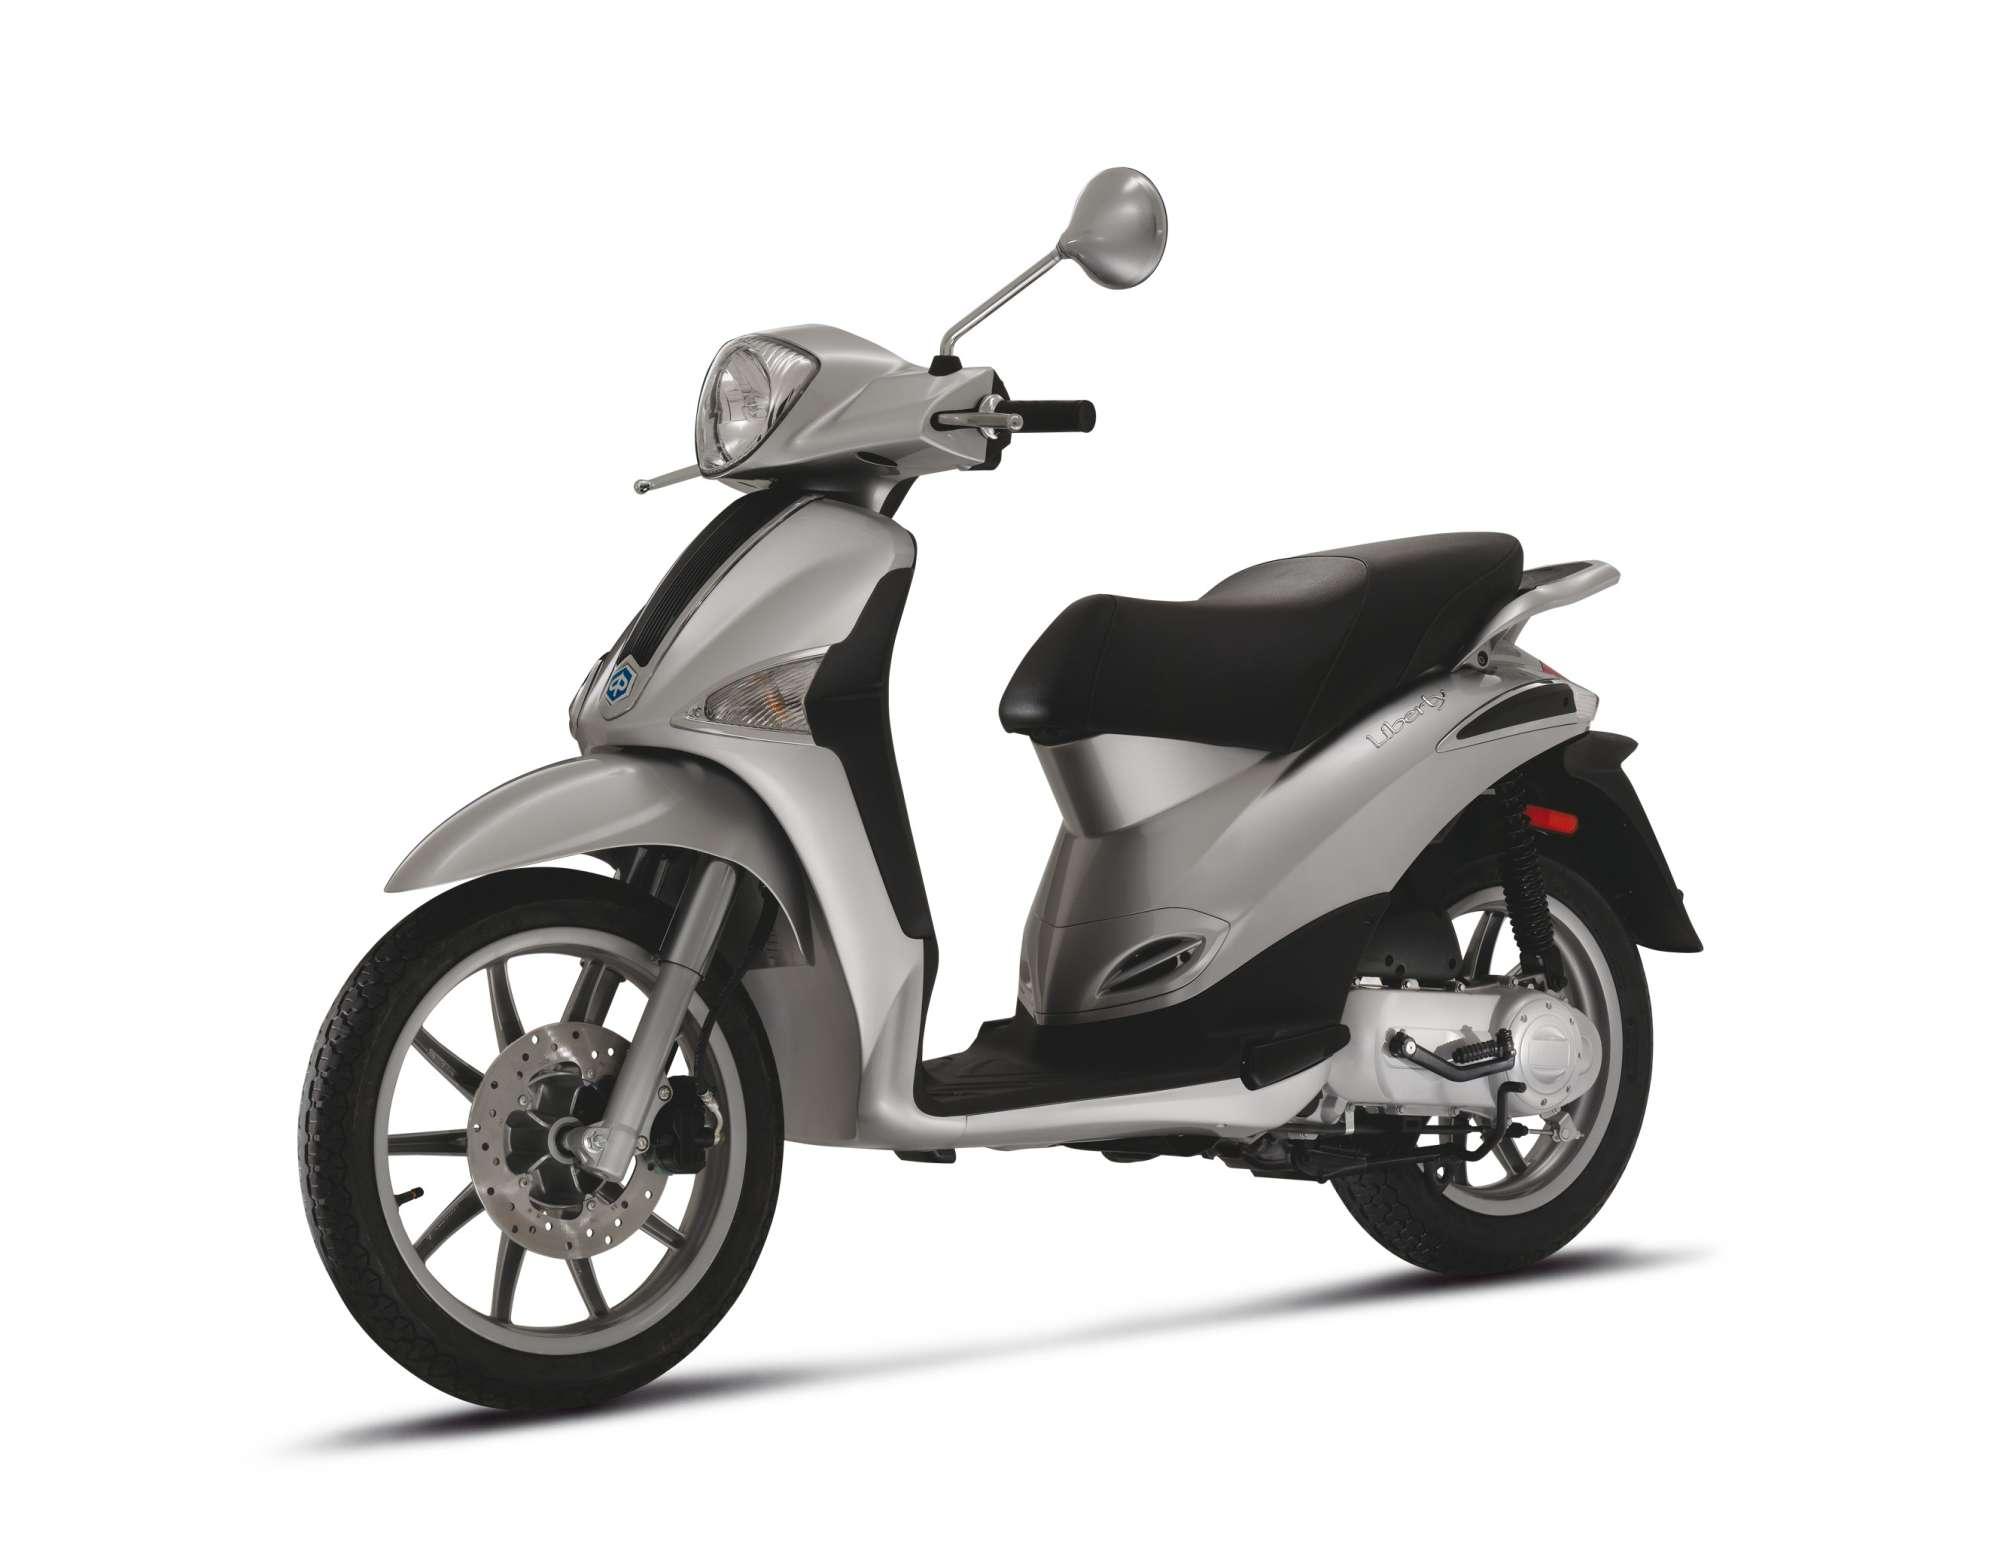 piaggio liberty 50 2t tuning – idea di immagine del motociclo